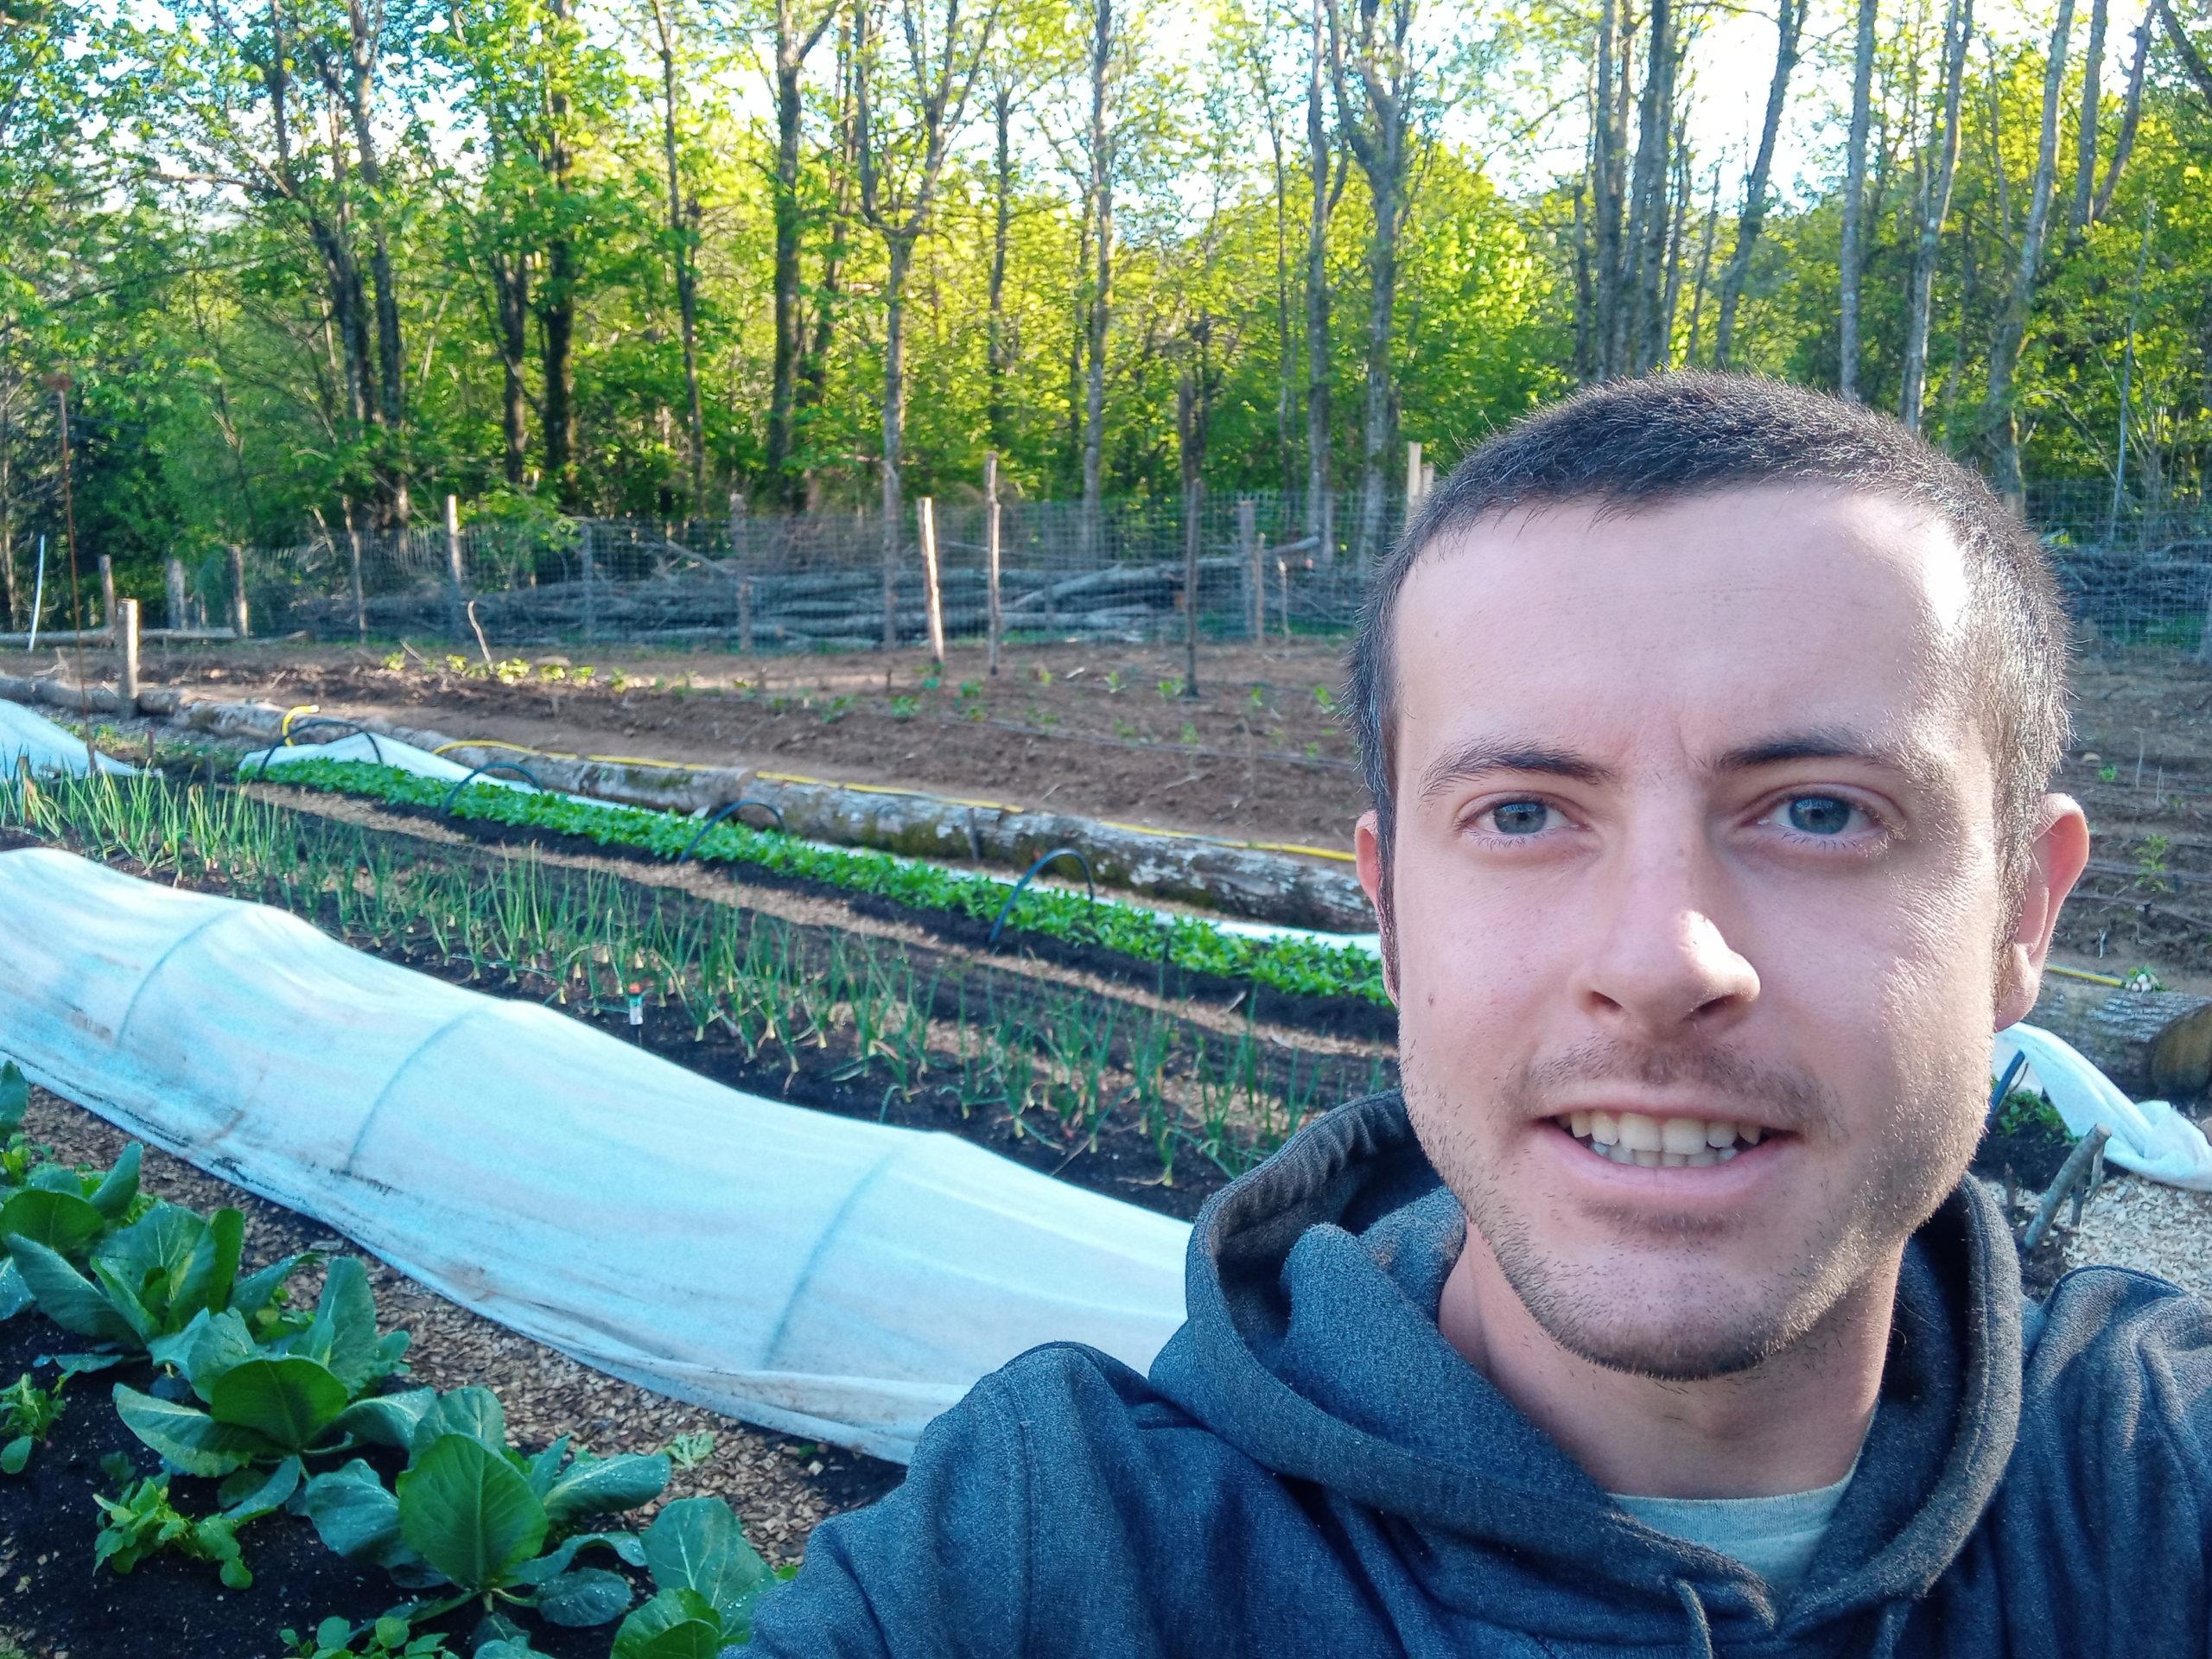 Cerco volontari in Ecovillaggio nascente